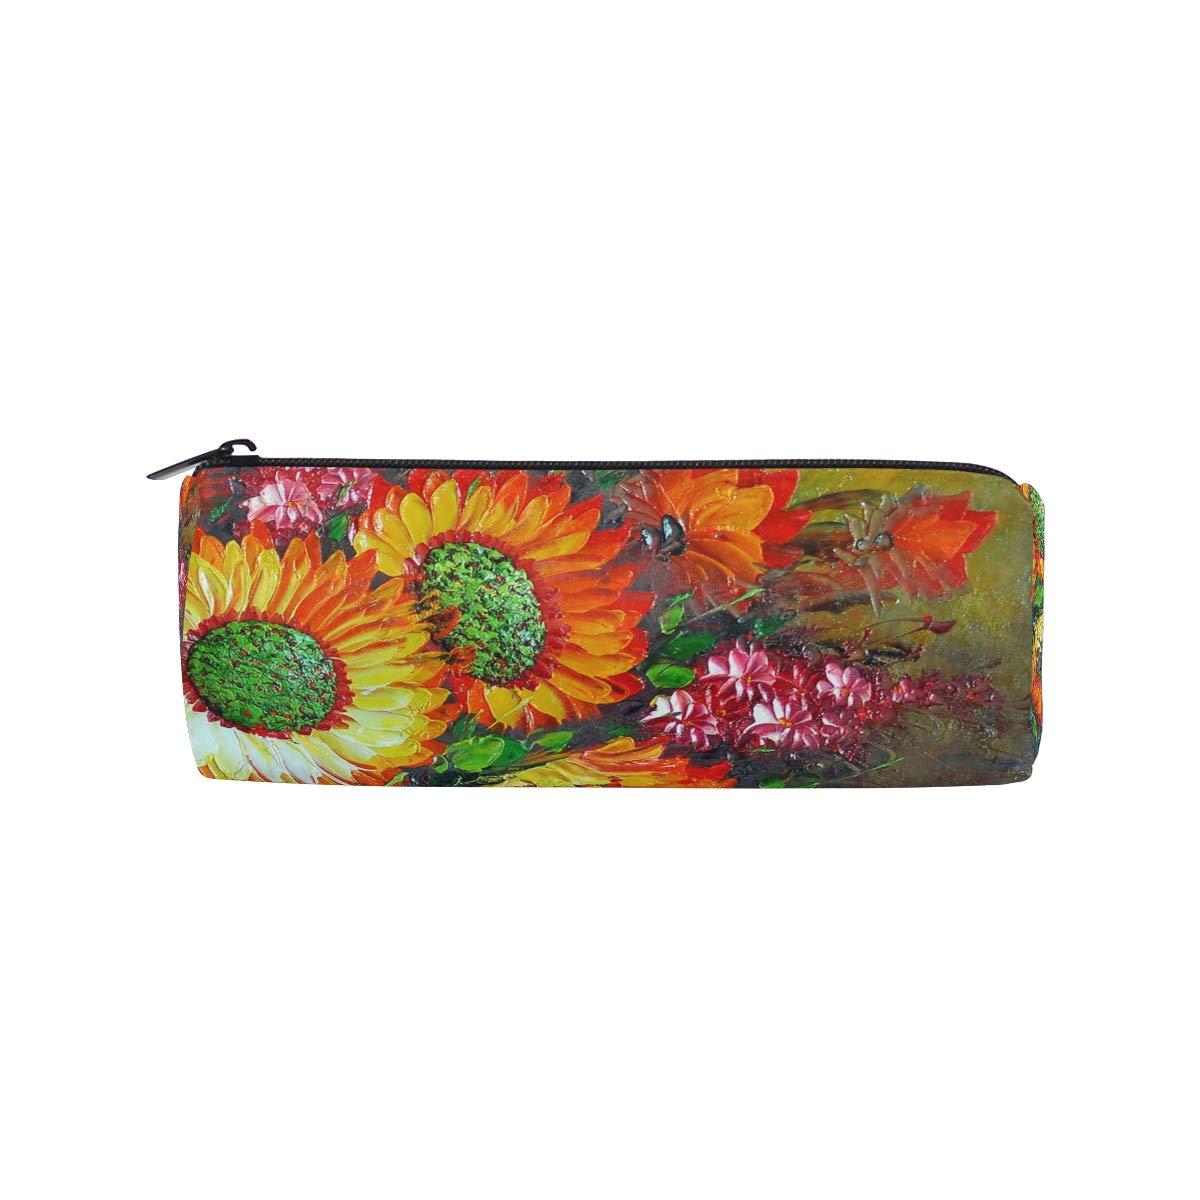 BONIPE - Estuche de pintura al óleo con diseño de girasoles: Amazon.es: Oficina y papelería